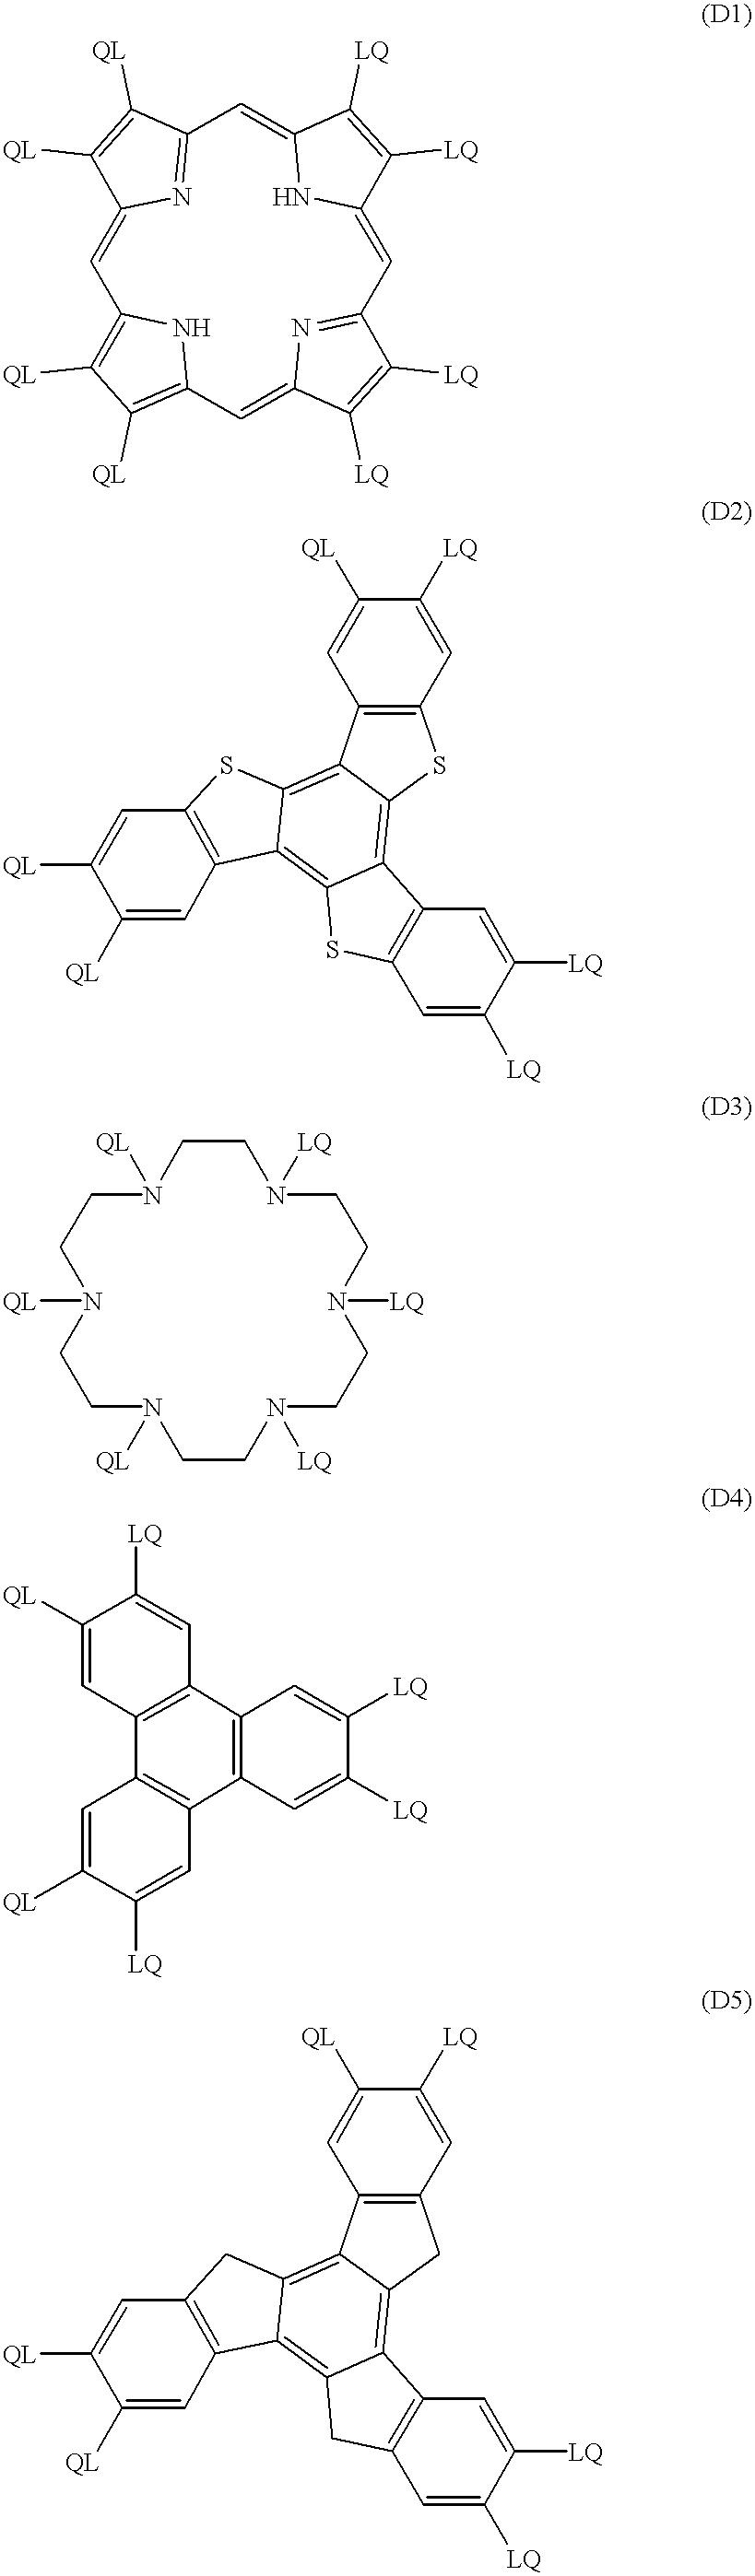 Figure US06400433-20020604-C00001